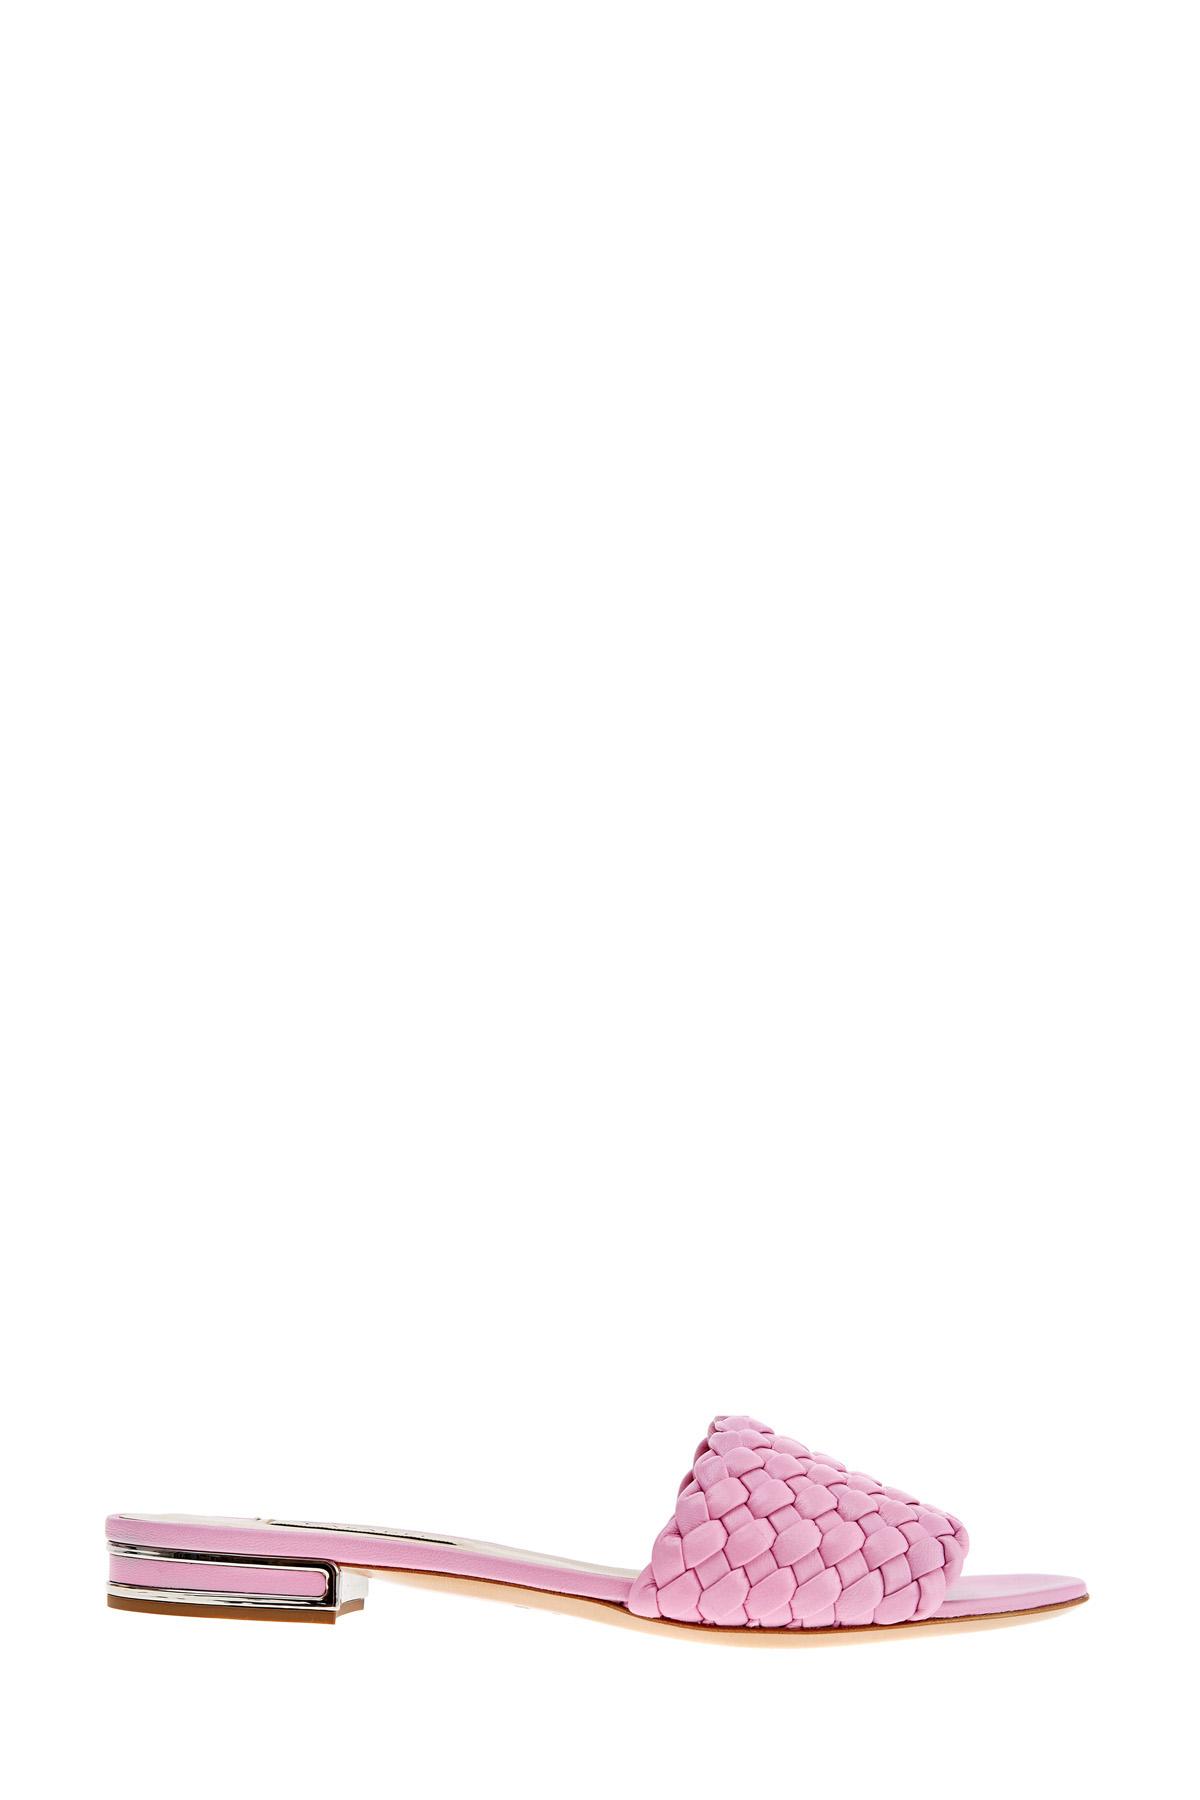 Шлепанцы с эффектом плетения и металлической отделкой на каблуке